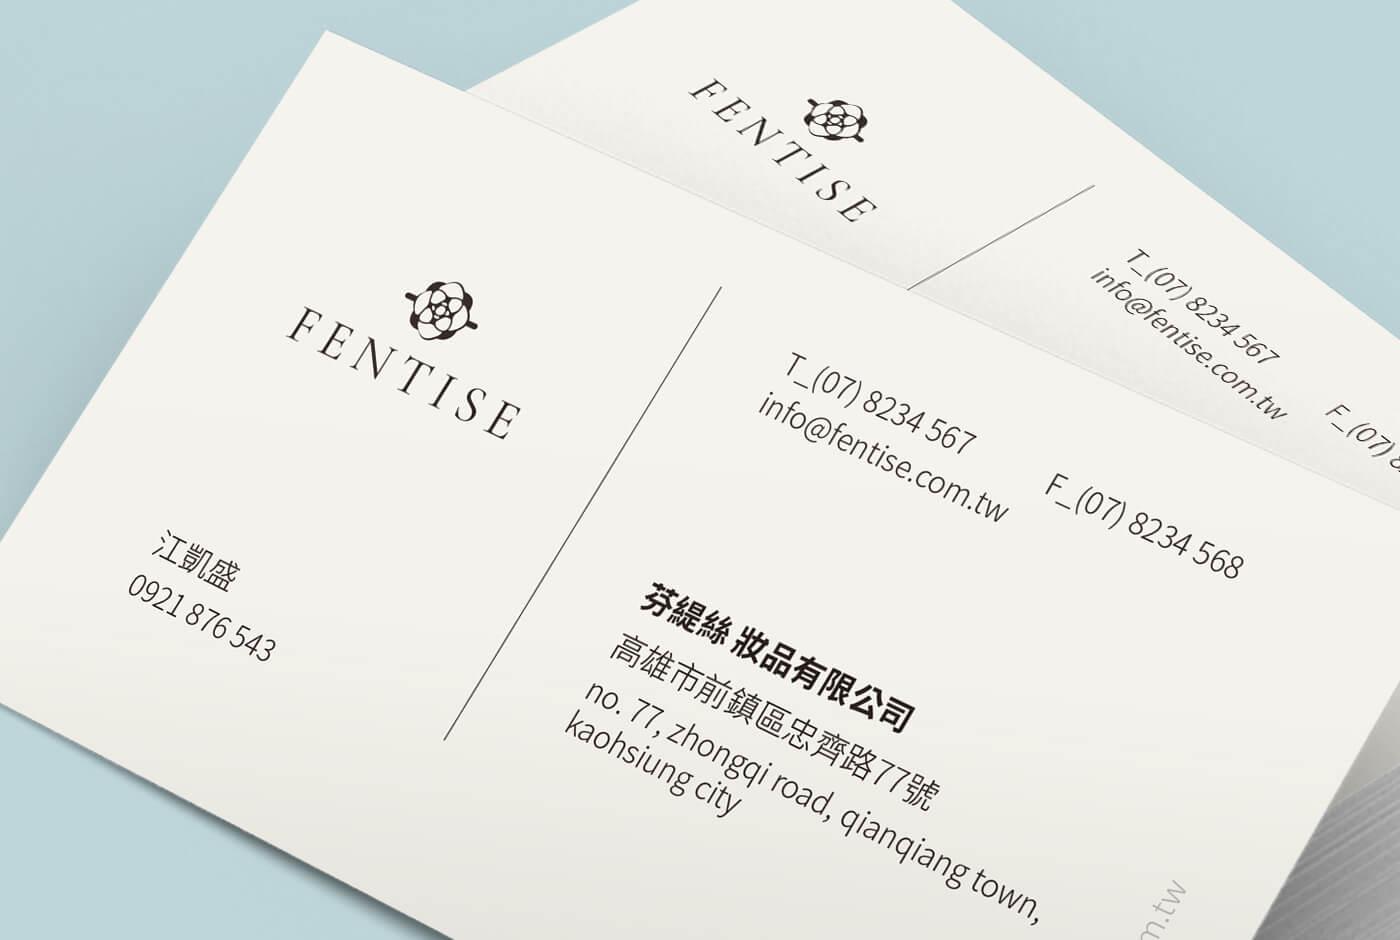 極簡/雙面印刷簡約風格設計-博凱設計作品案例